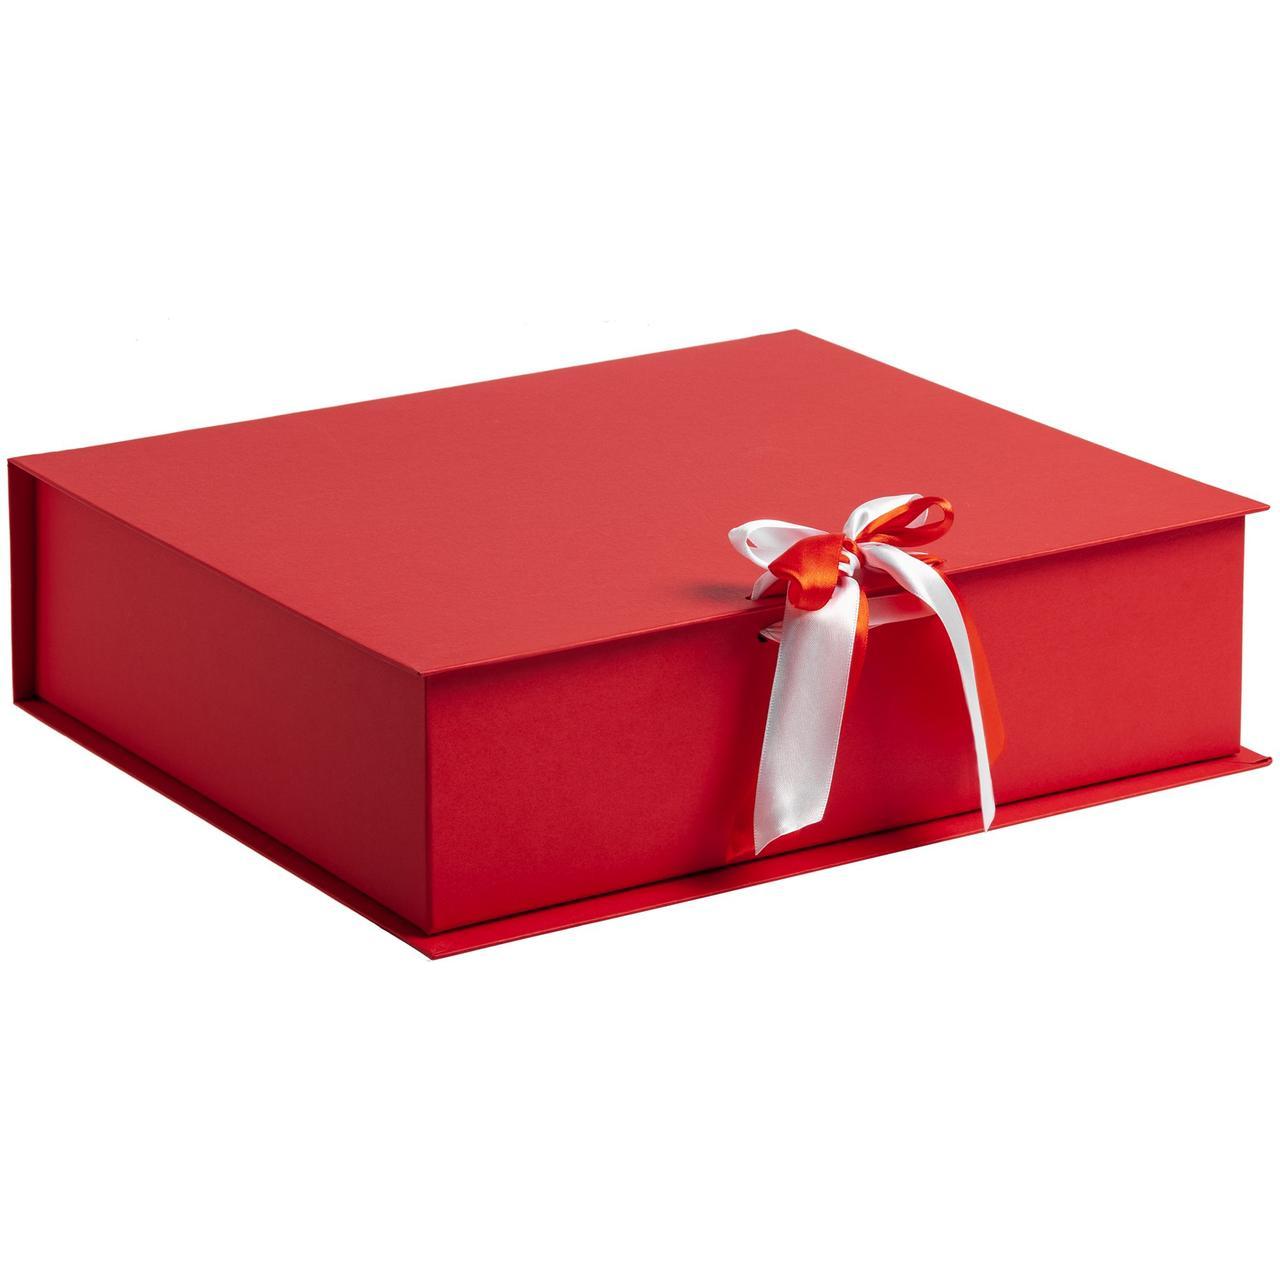 Коробка на лентах Tie Up, красная (артикул 10600.50)